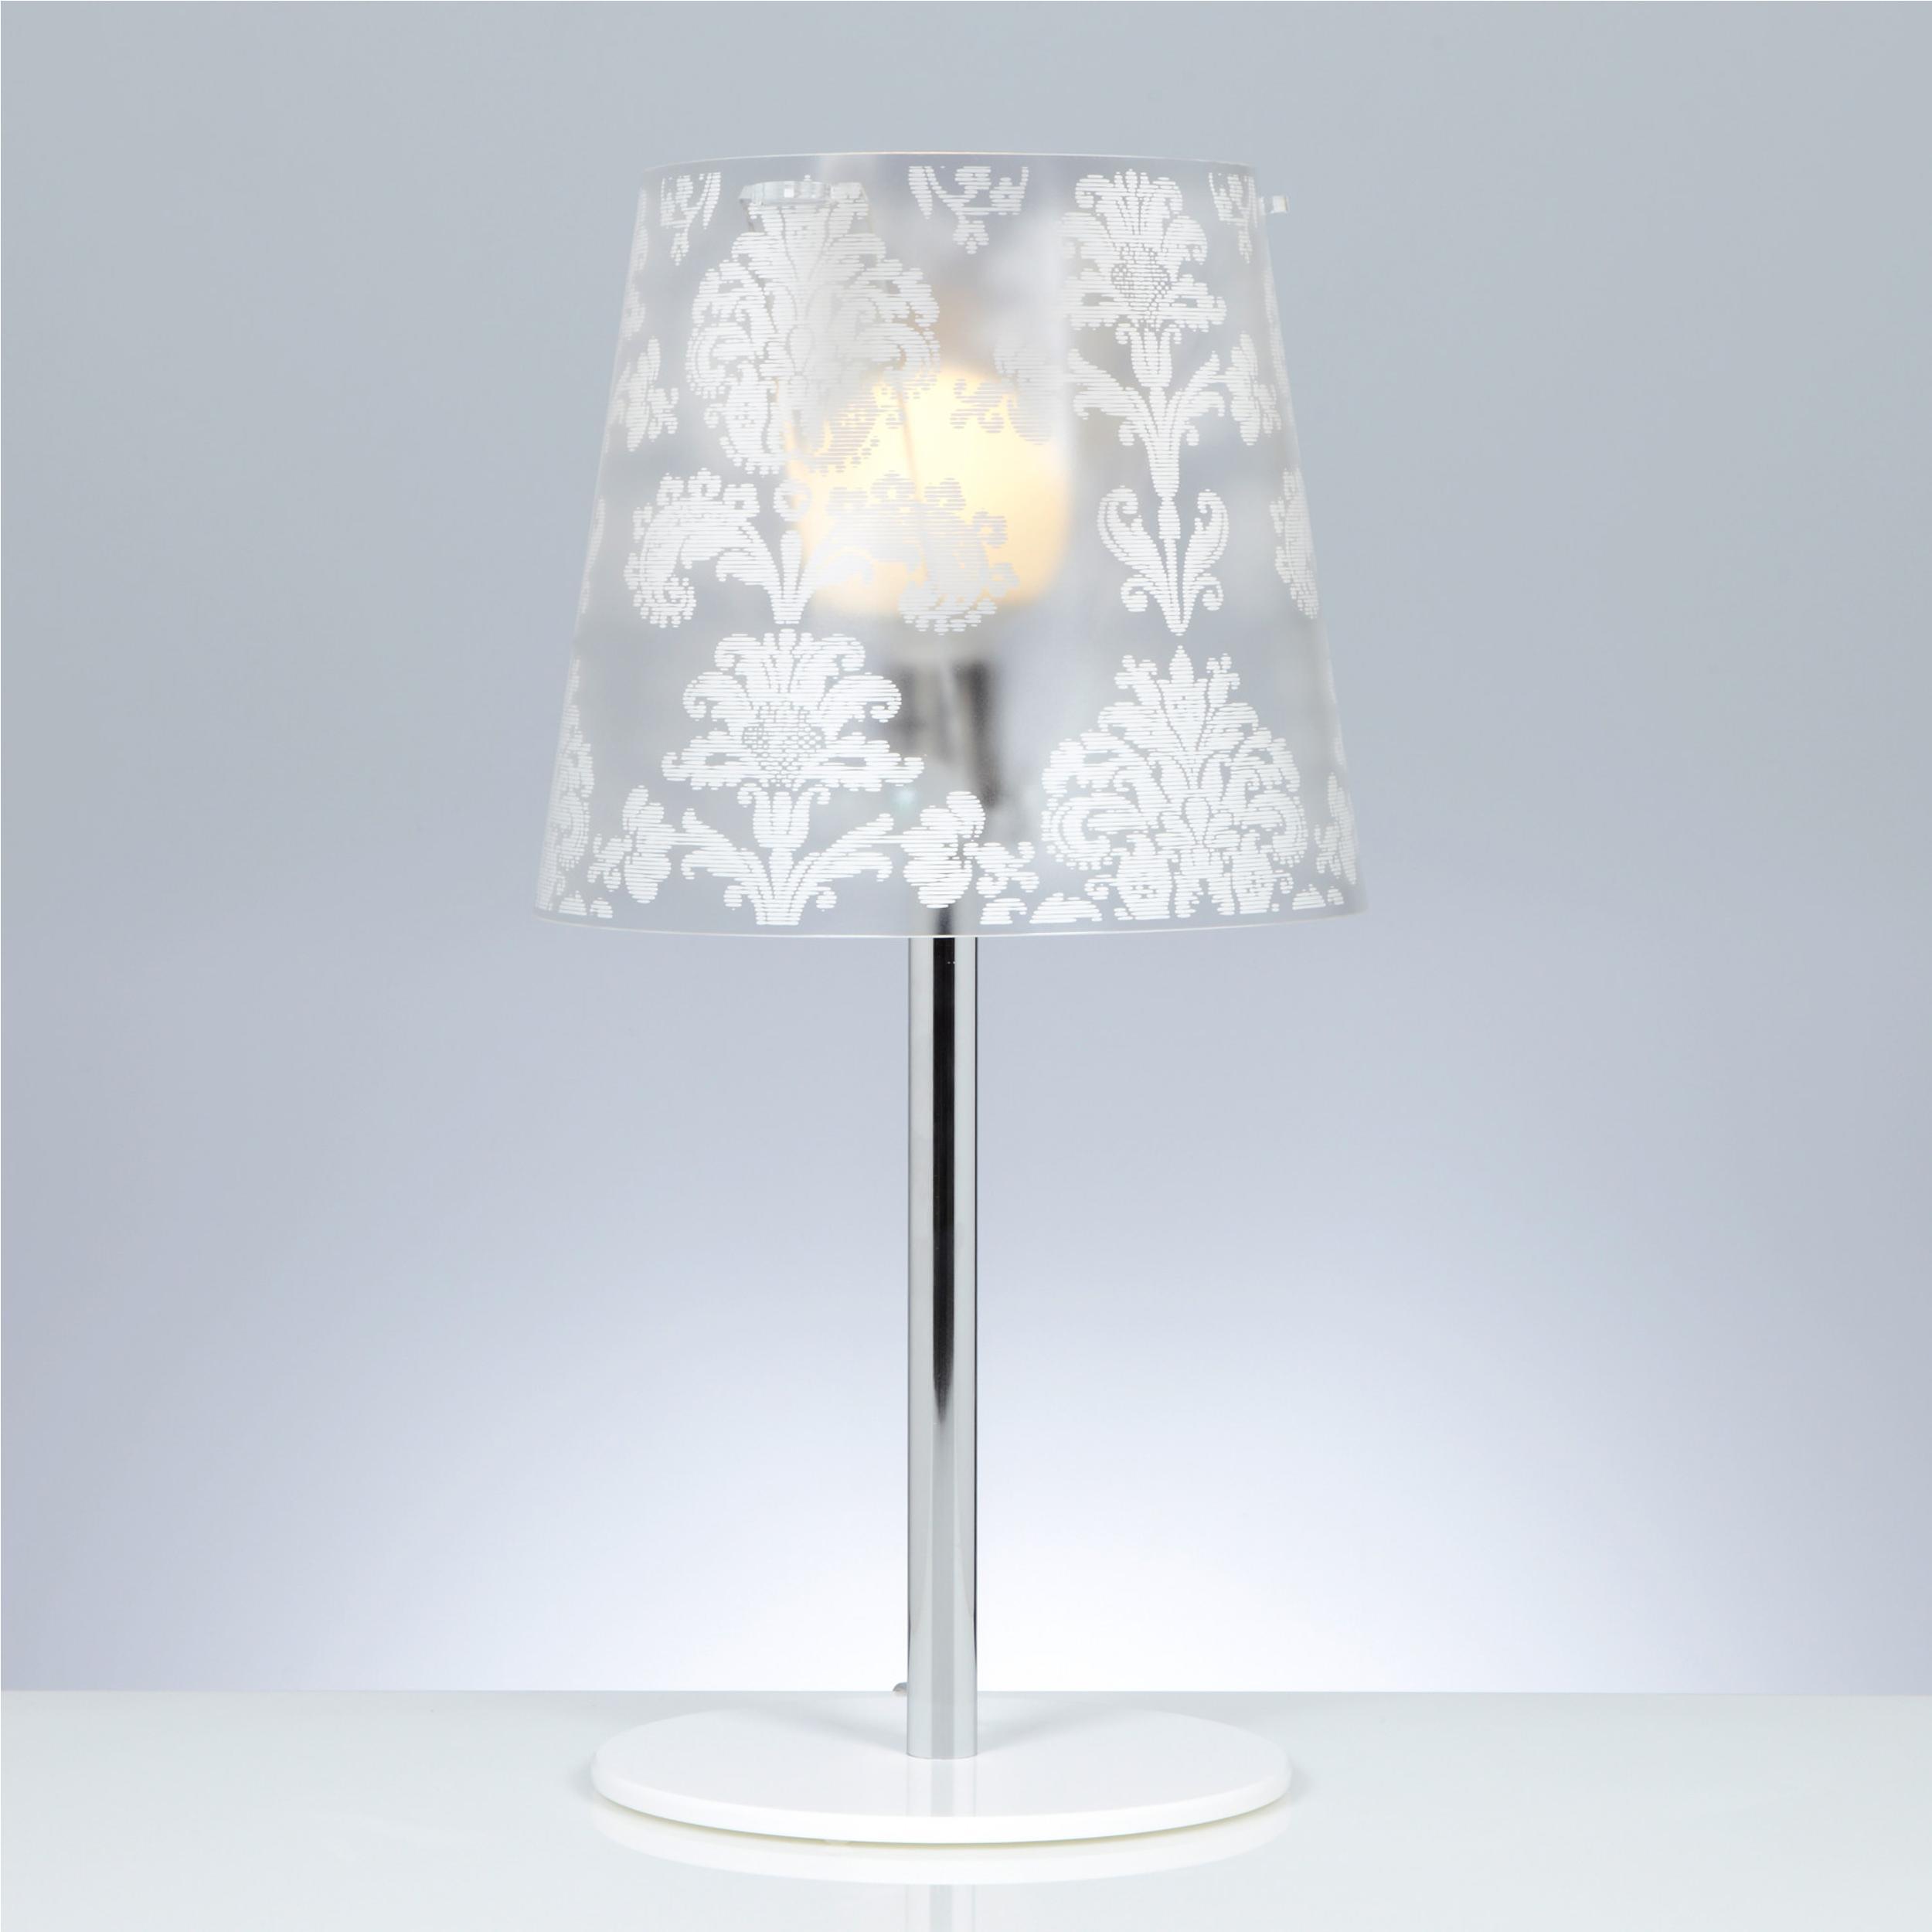 Lampada da tavolo abat jour diametro 31xh57 cm babette - Casa abat jour ...